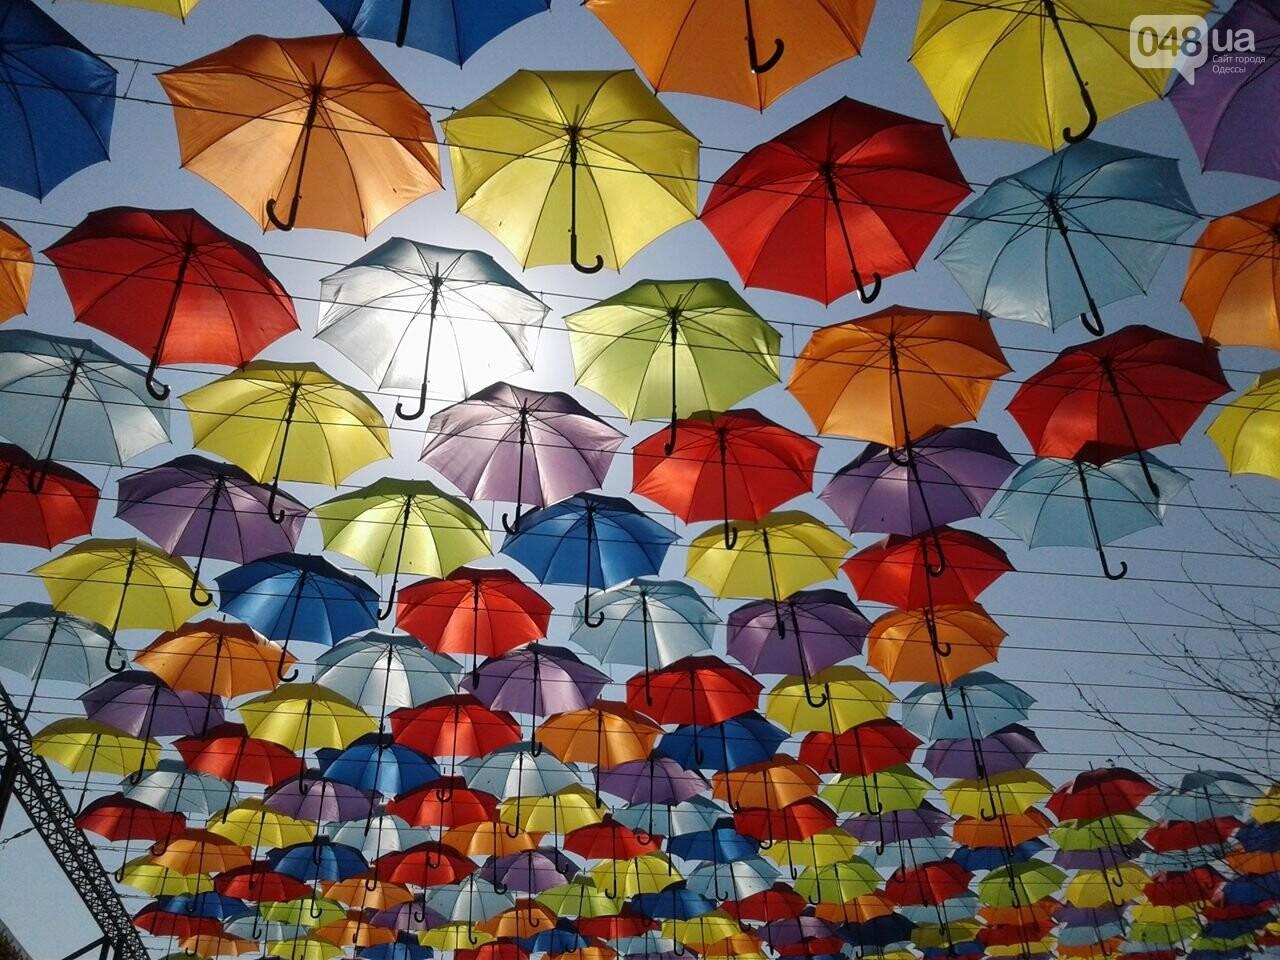 Одесскую Аркадию украсили разноцветные зонты: приходи фотографироваться (ФОТО), фото-7